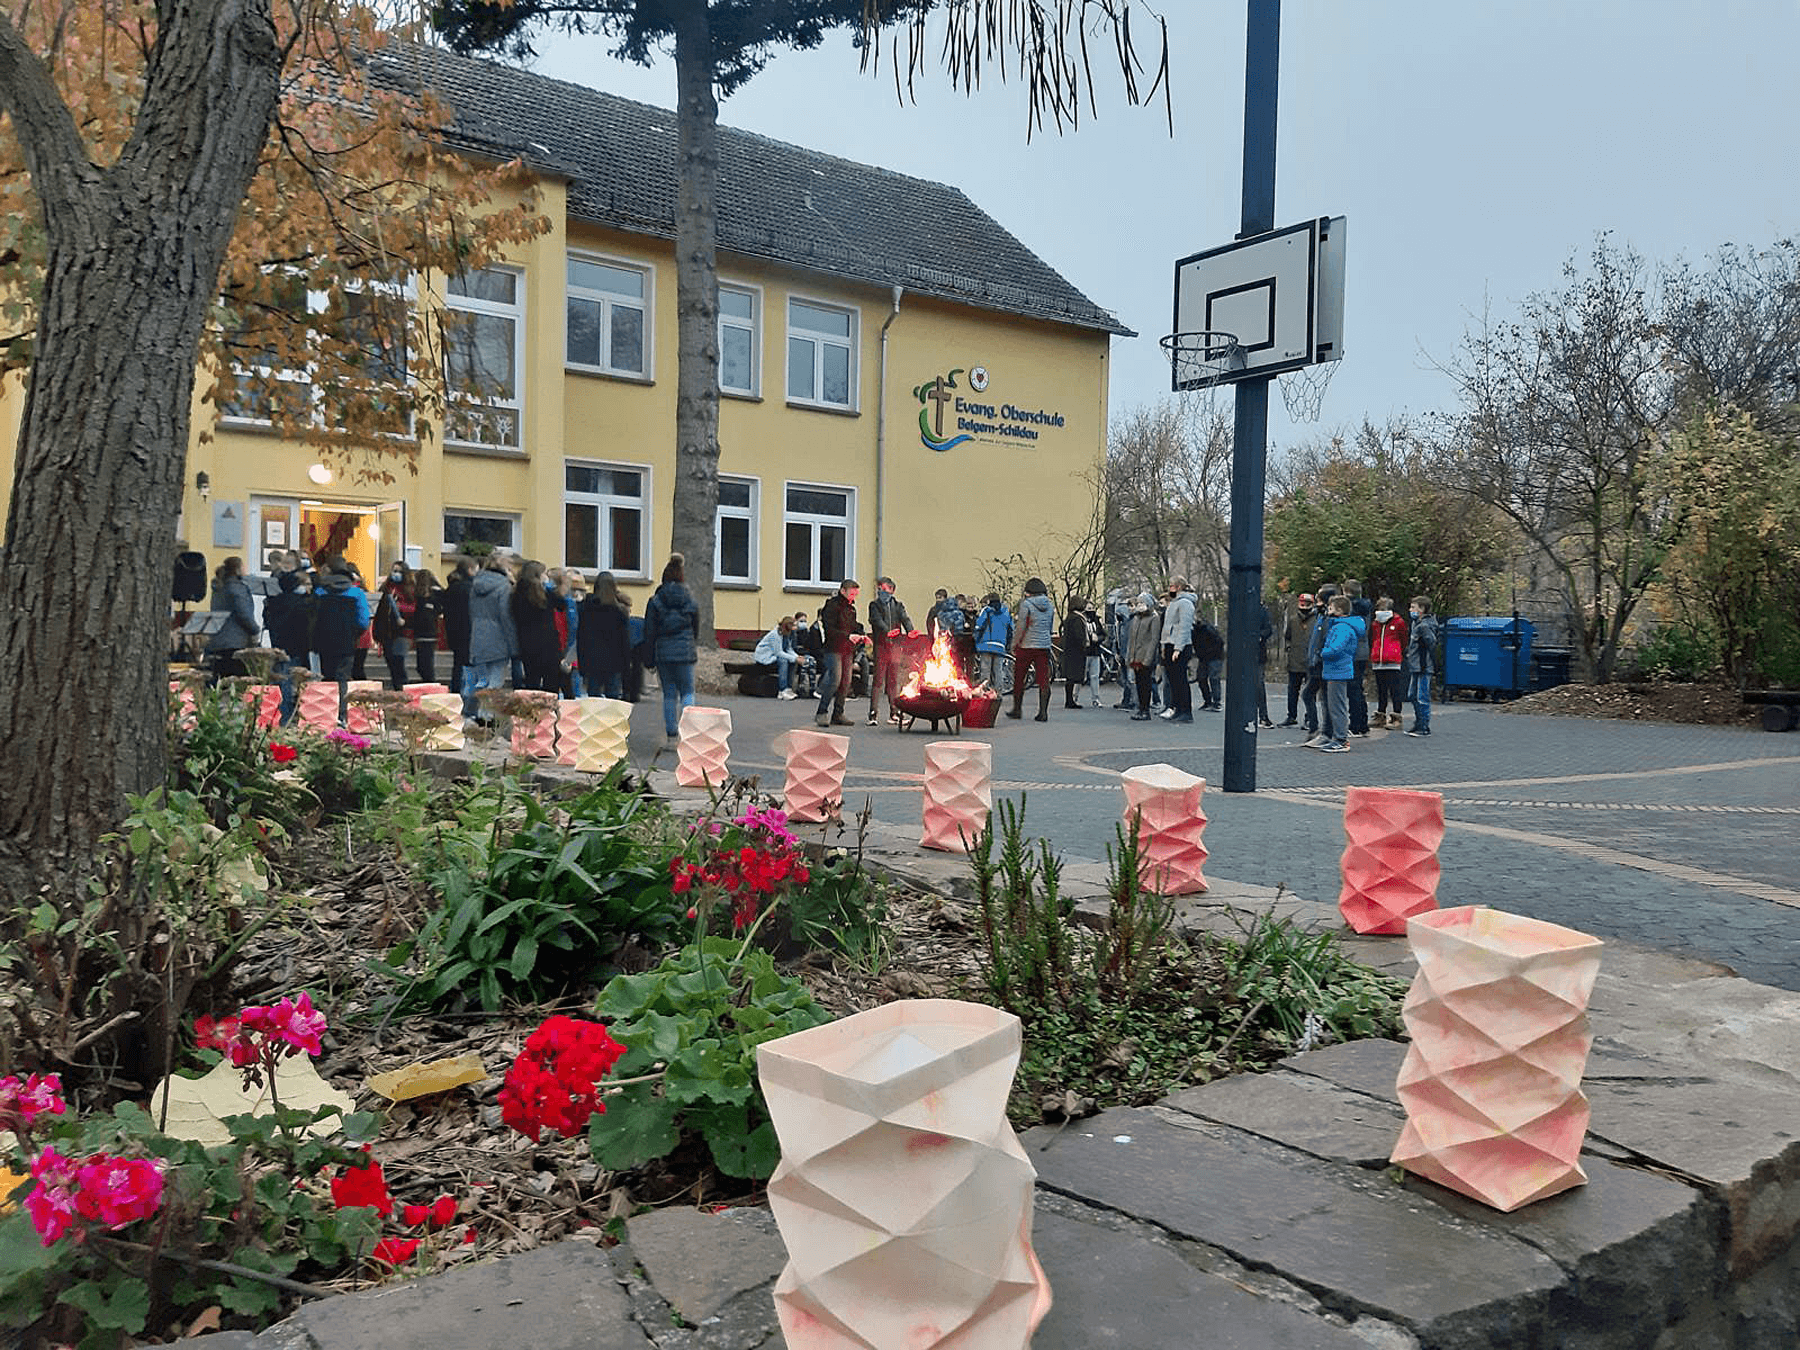 Beitragsbild-Porträt-Ev-Oberschule-Belgern-Schildau